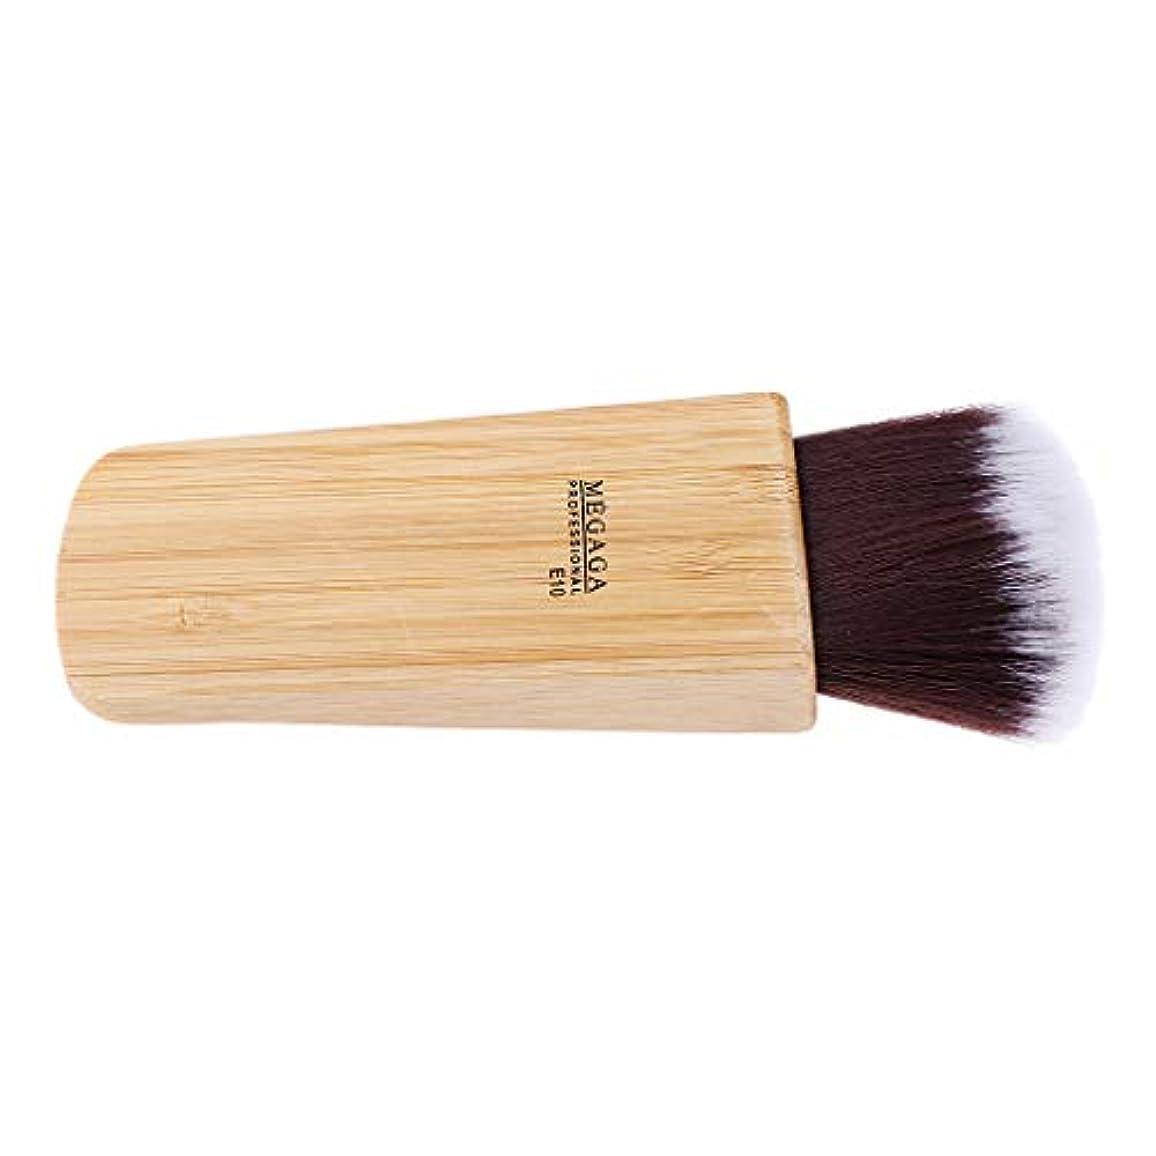 出血考案する問題CUTICATE ネックダスターブラシ ヘアカット ブラシ ネックダスター 洗浄 ヘアブラシ 理髪美容ツール